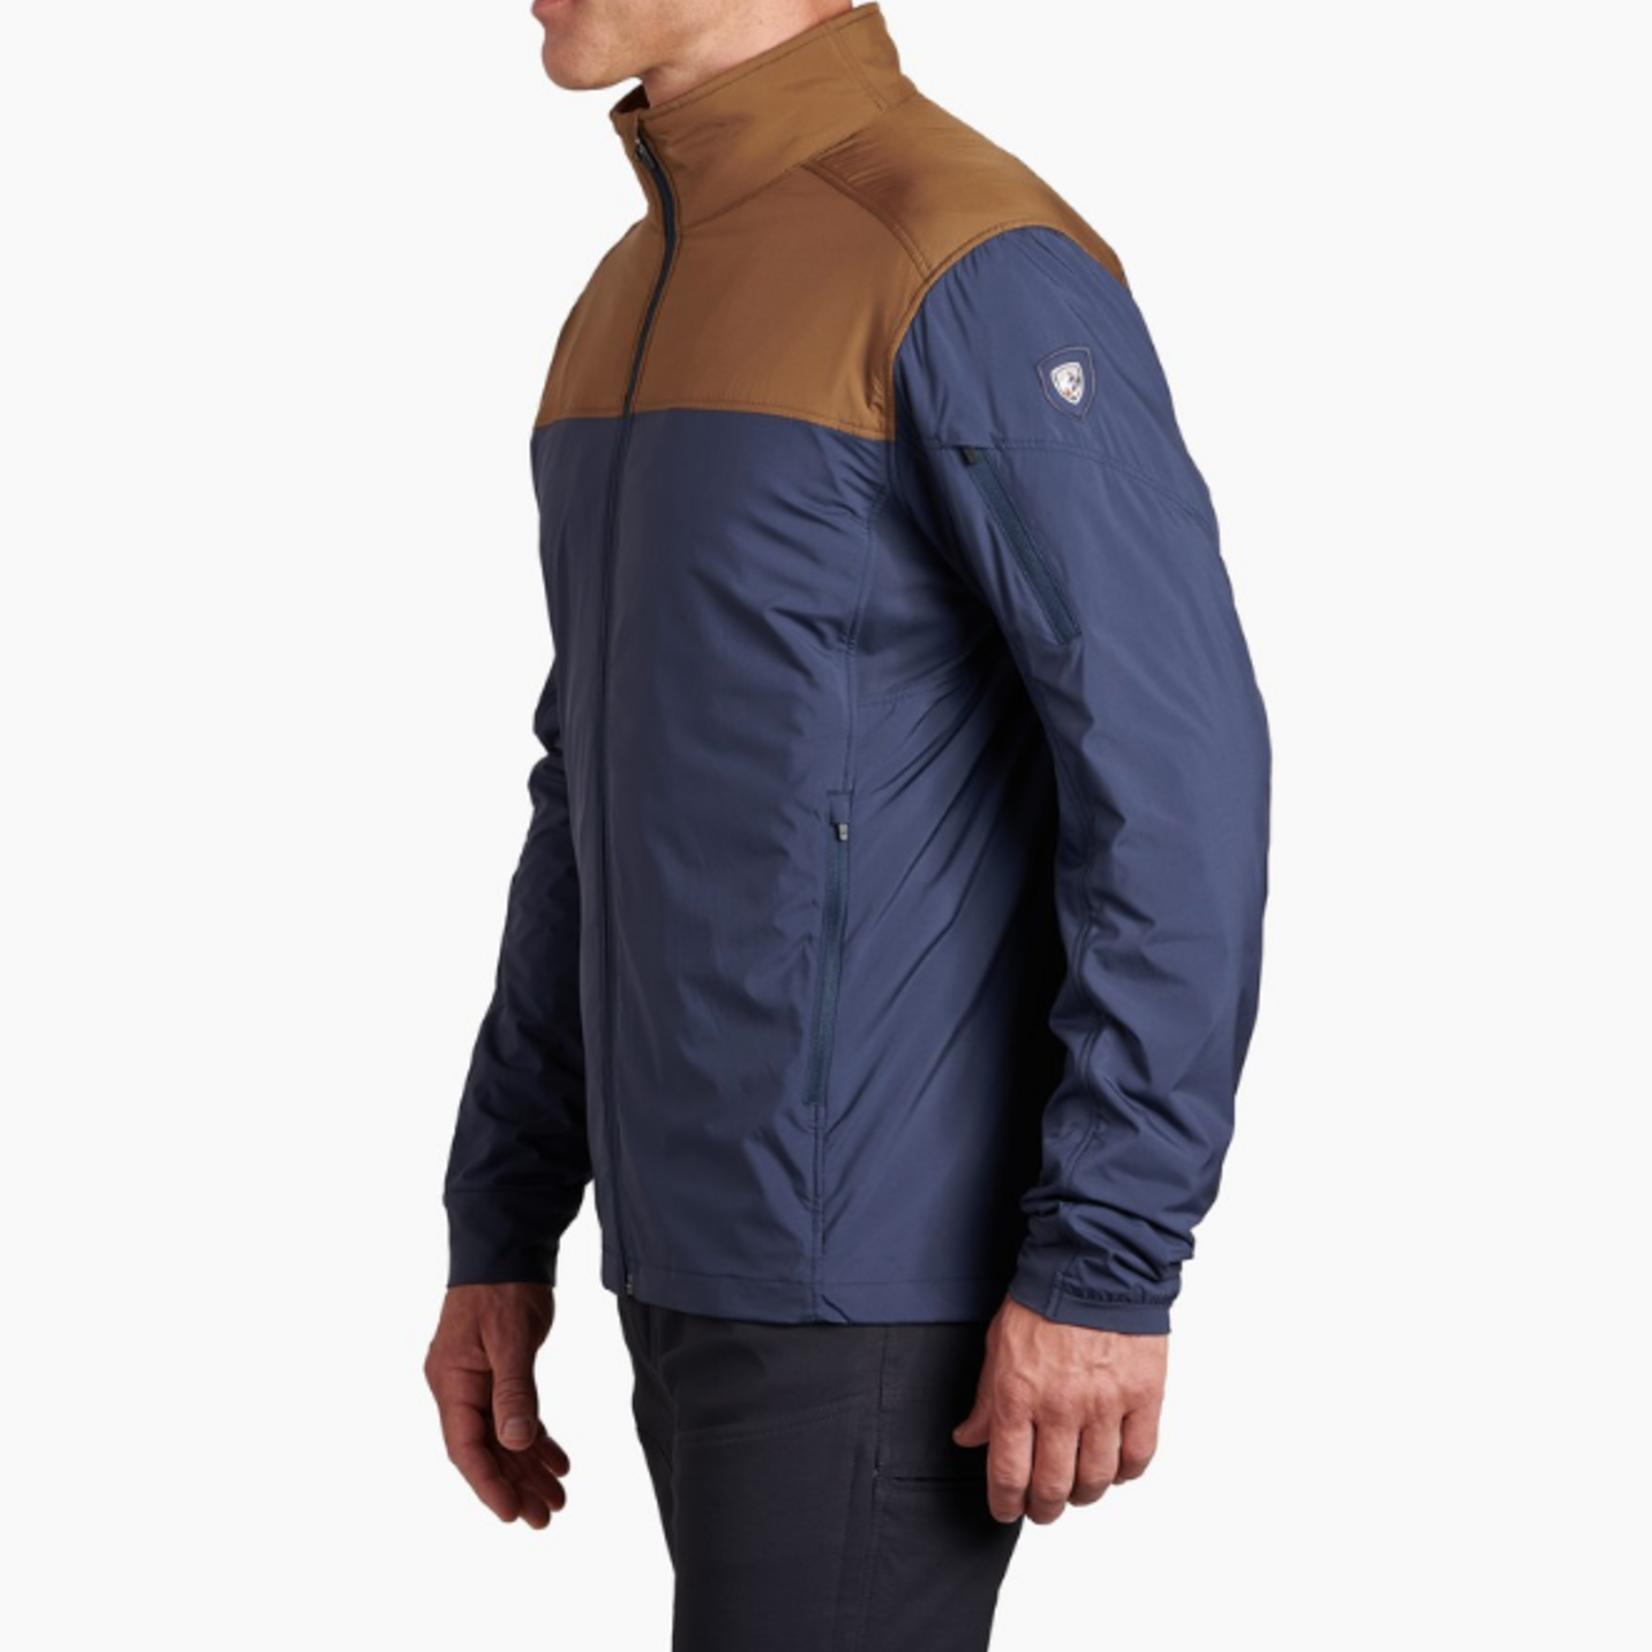 Kuhl Kuhl M's The One Jacket